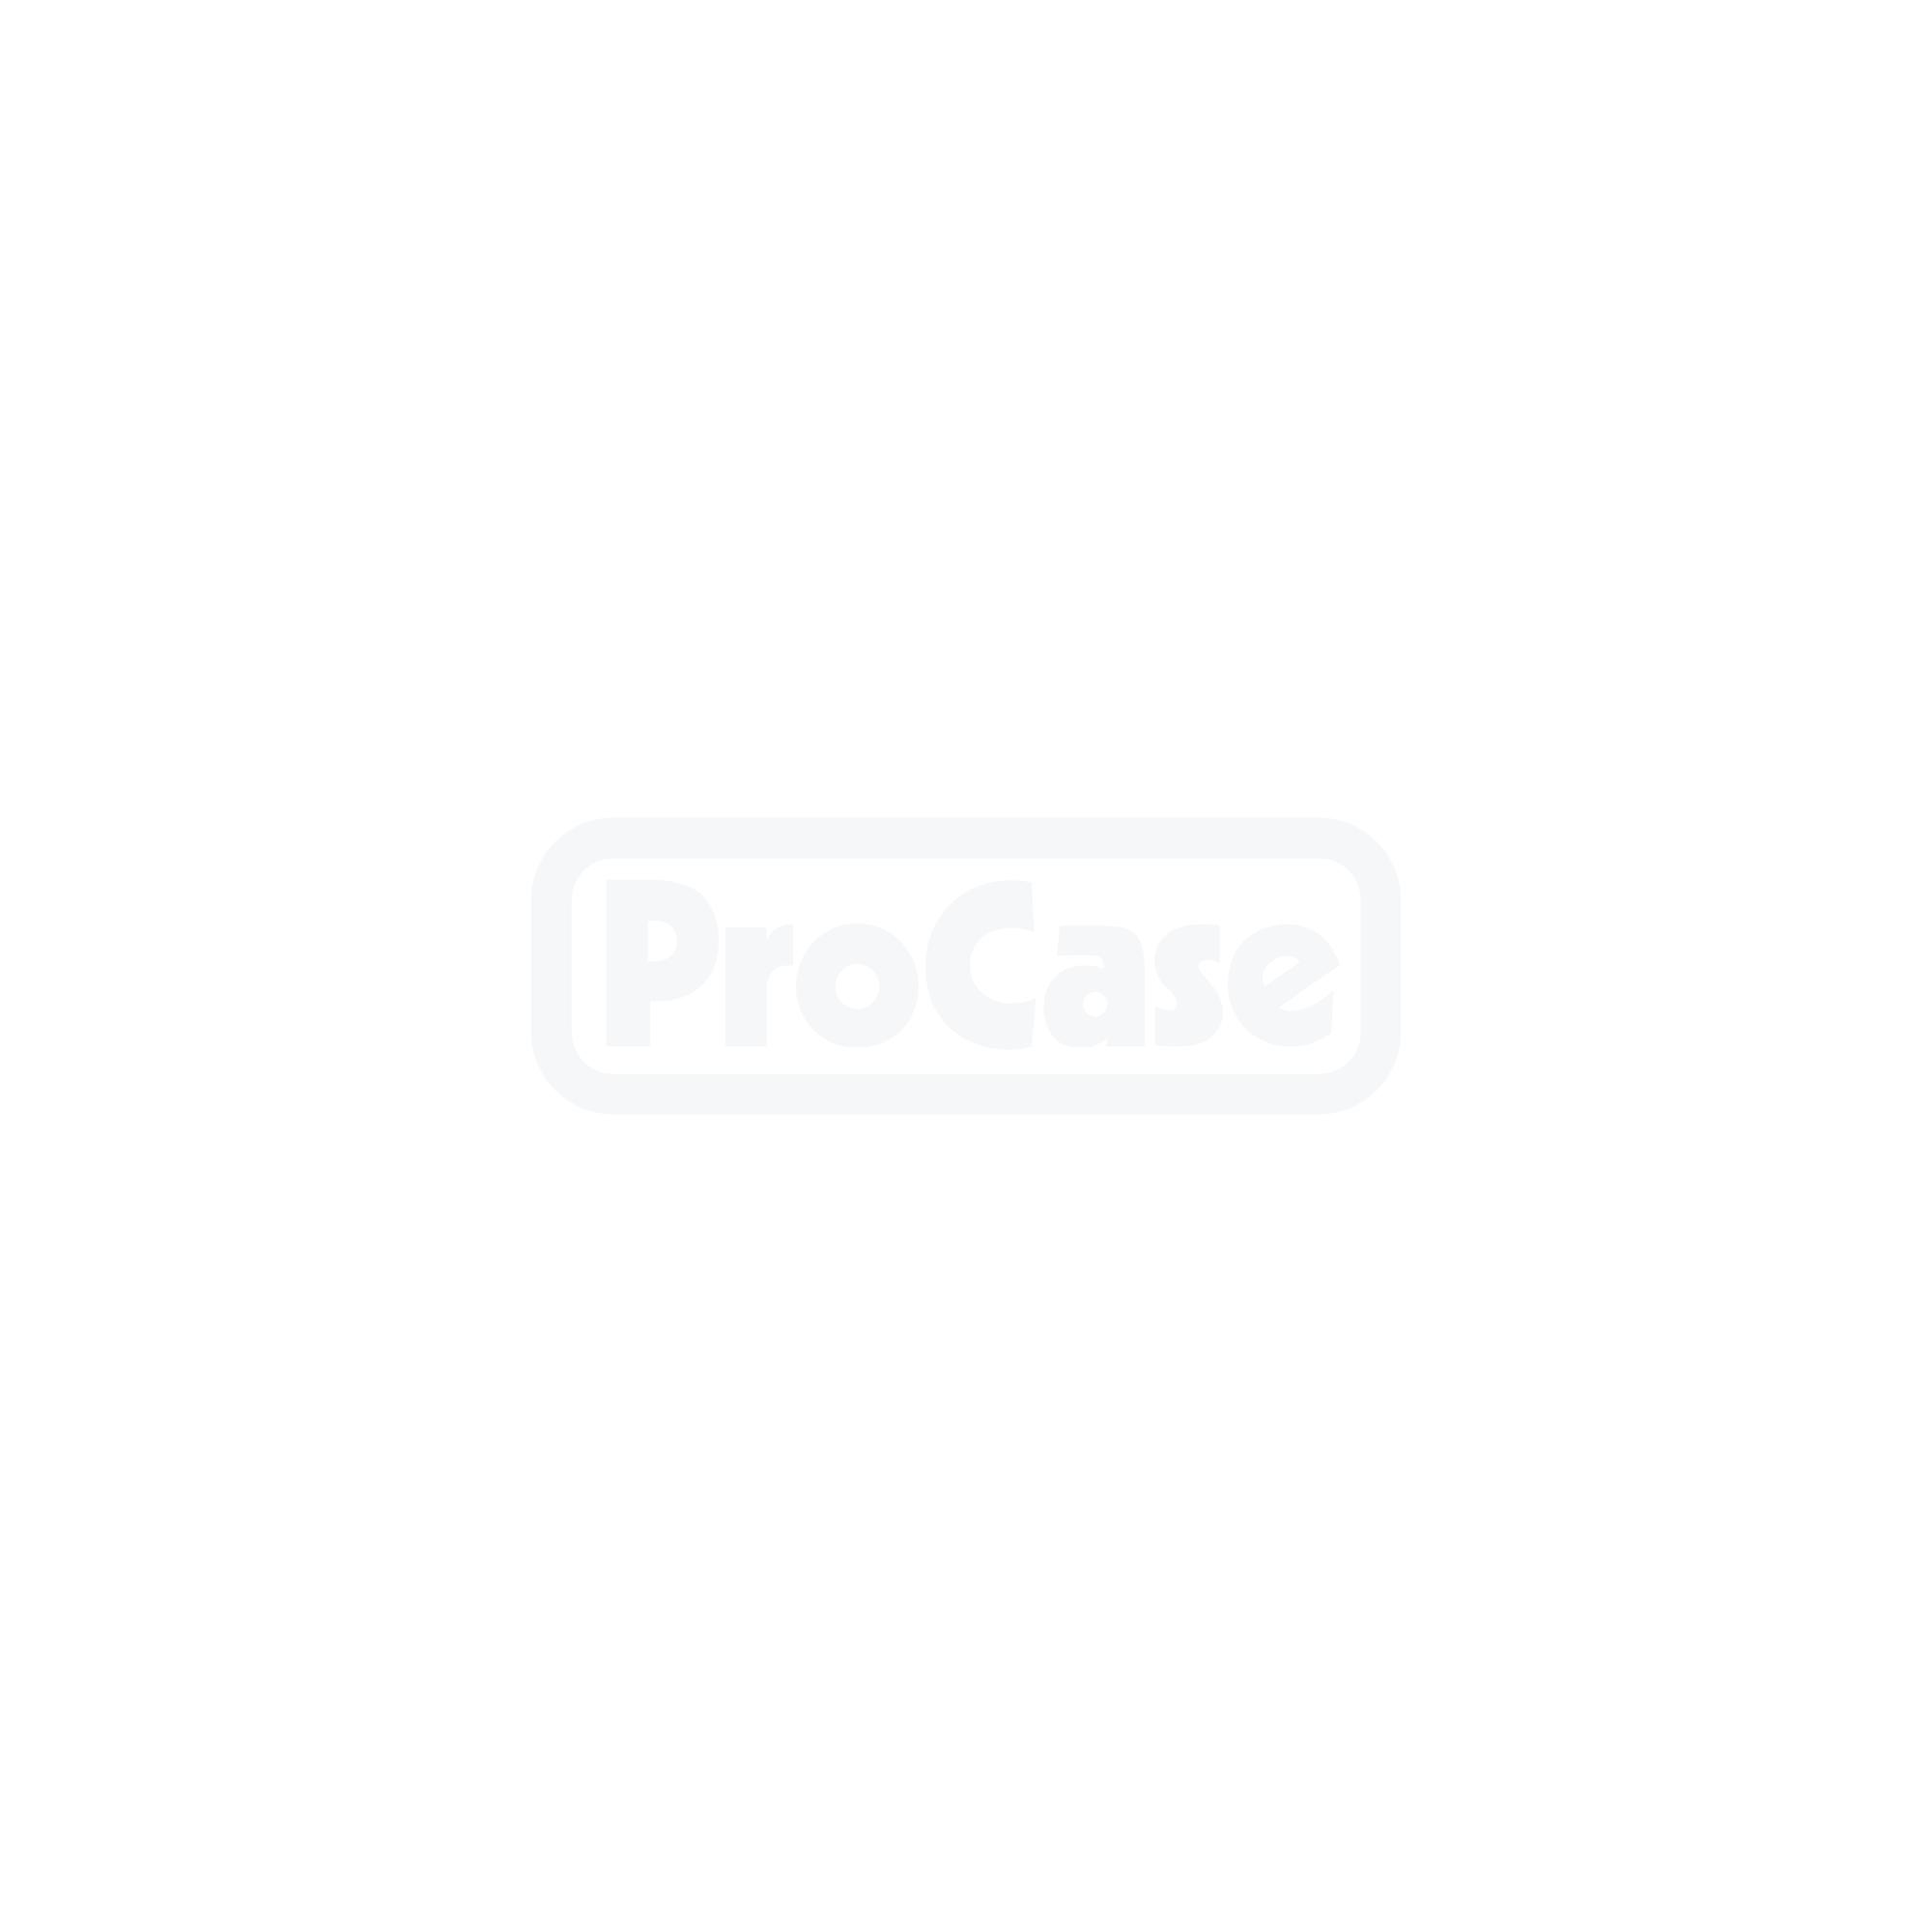 19 Zoll Standard Rack 22HE/12HE Singledoor mit Topdeckel 2